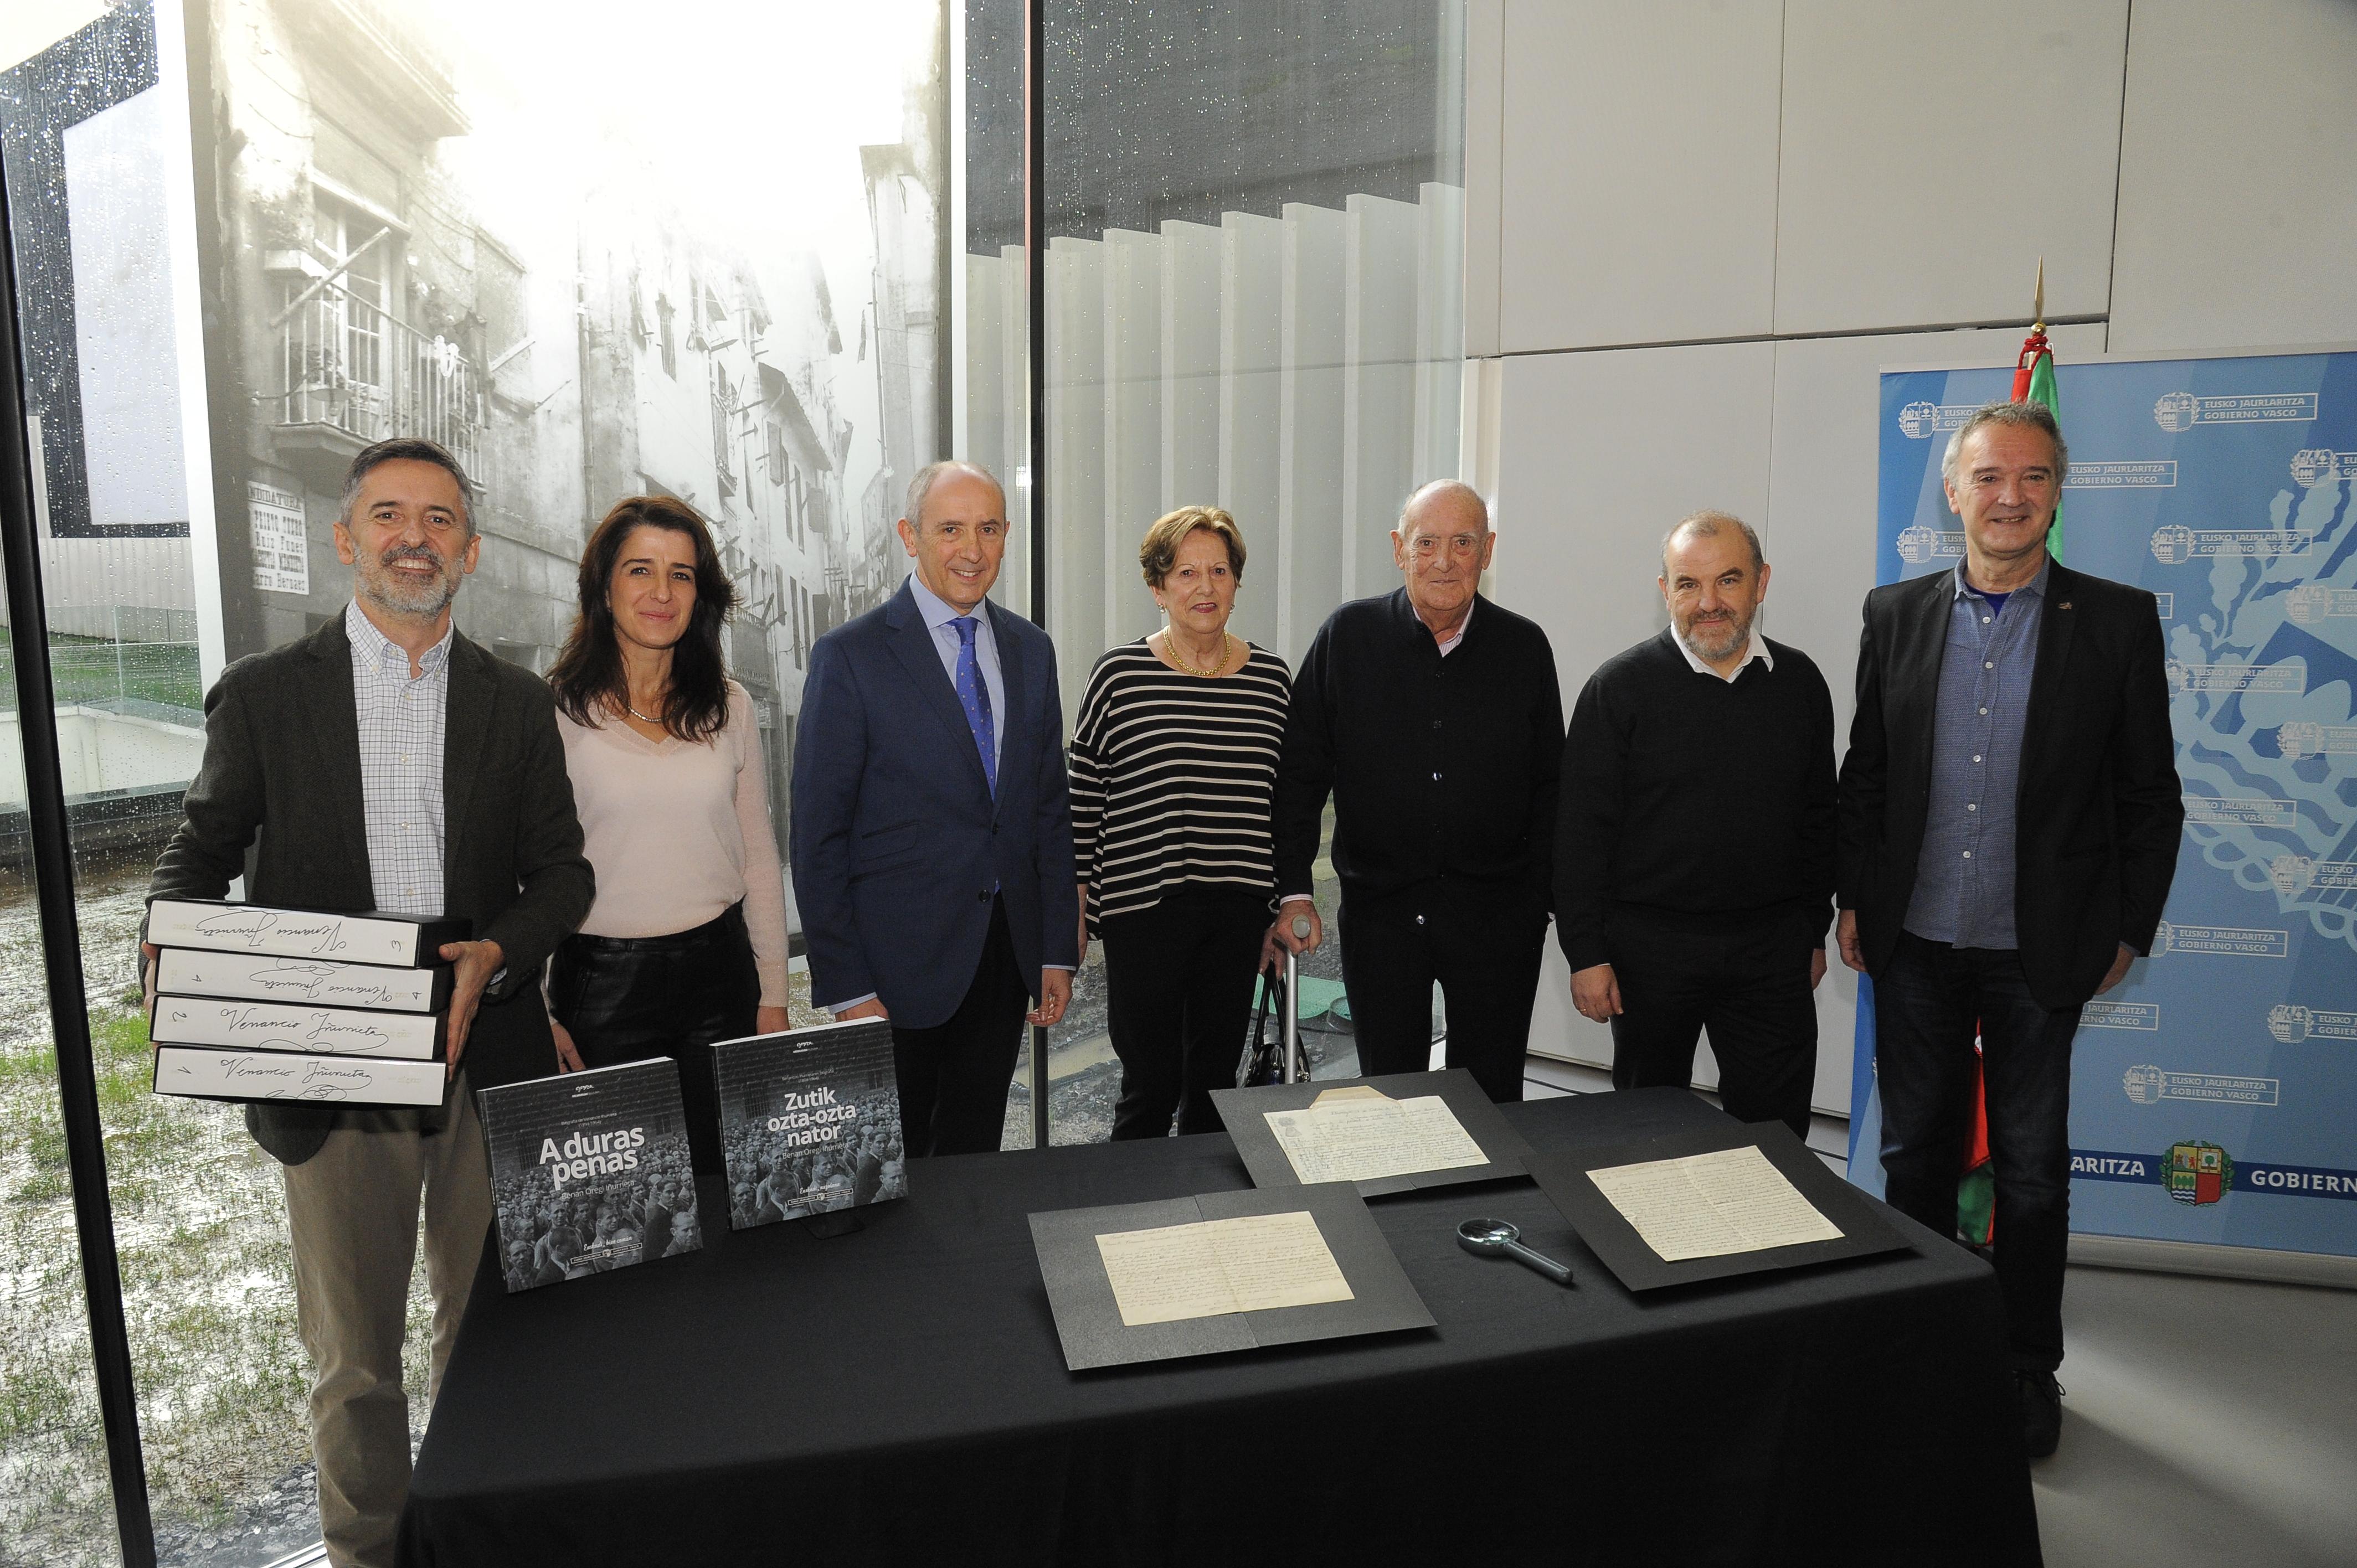 El Gobierno recibe la donación de un fondo de cartas manuscritas por el concejal de Soraluze apresado durante la Guerra Civil, Venancio Iñurrieta